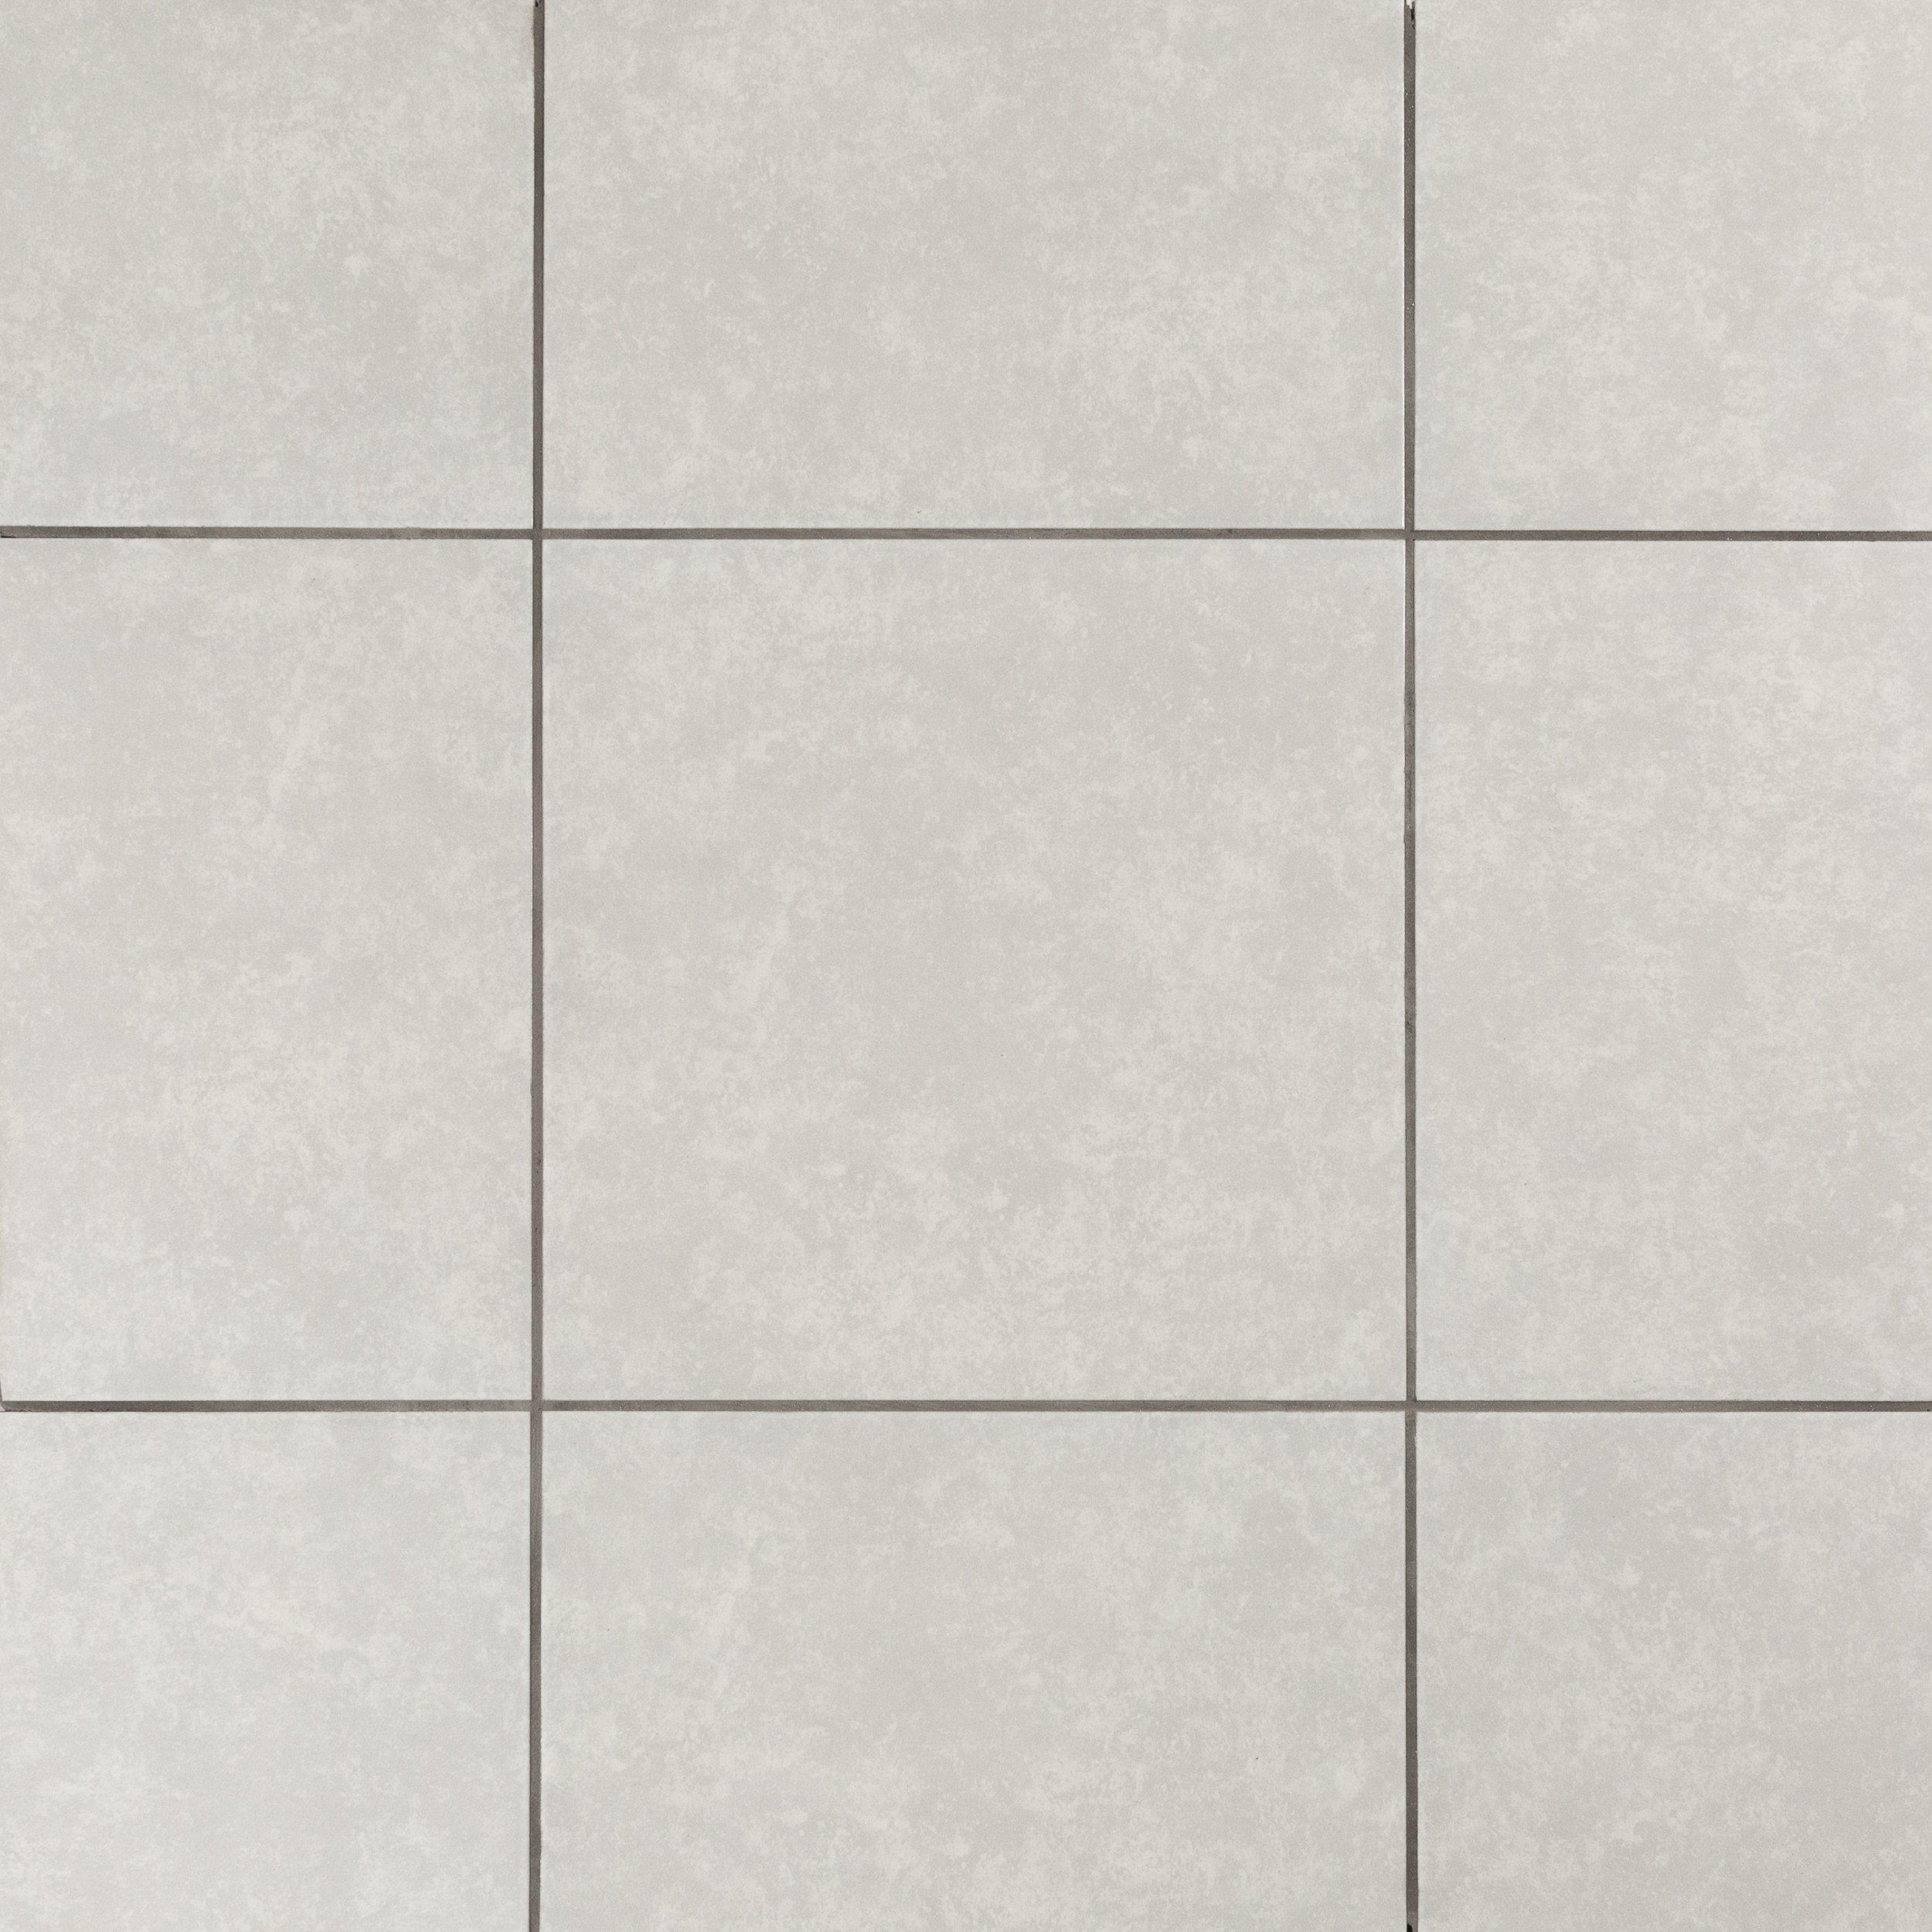 Roma Gris Ceramic Tile 13 X 13 911104165 Floor And Decor